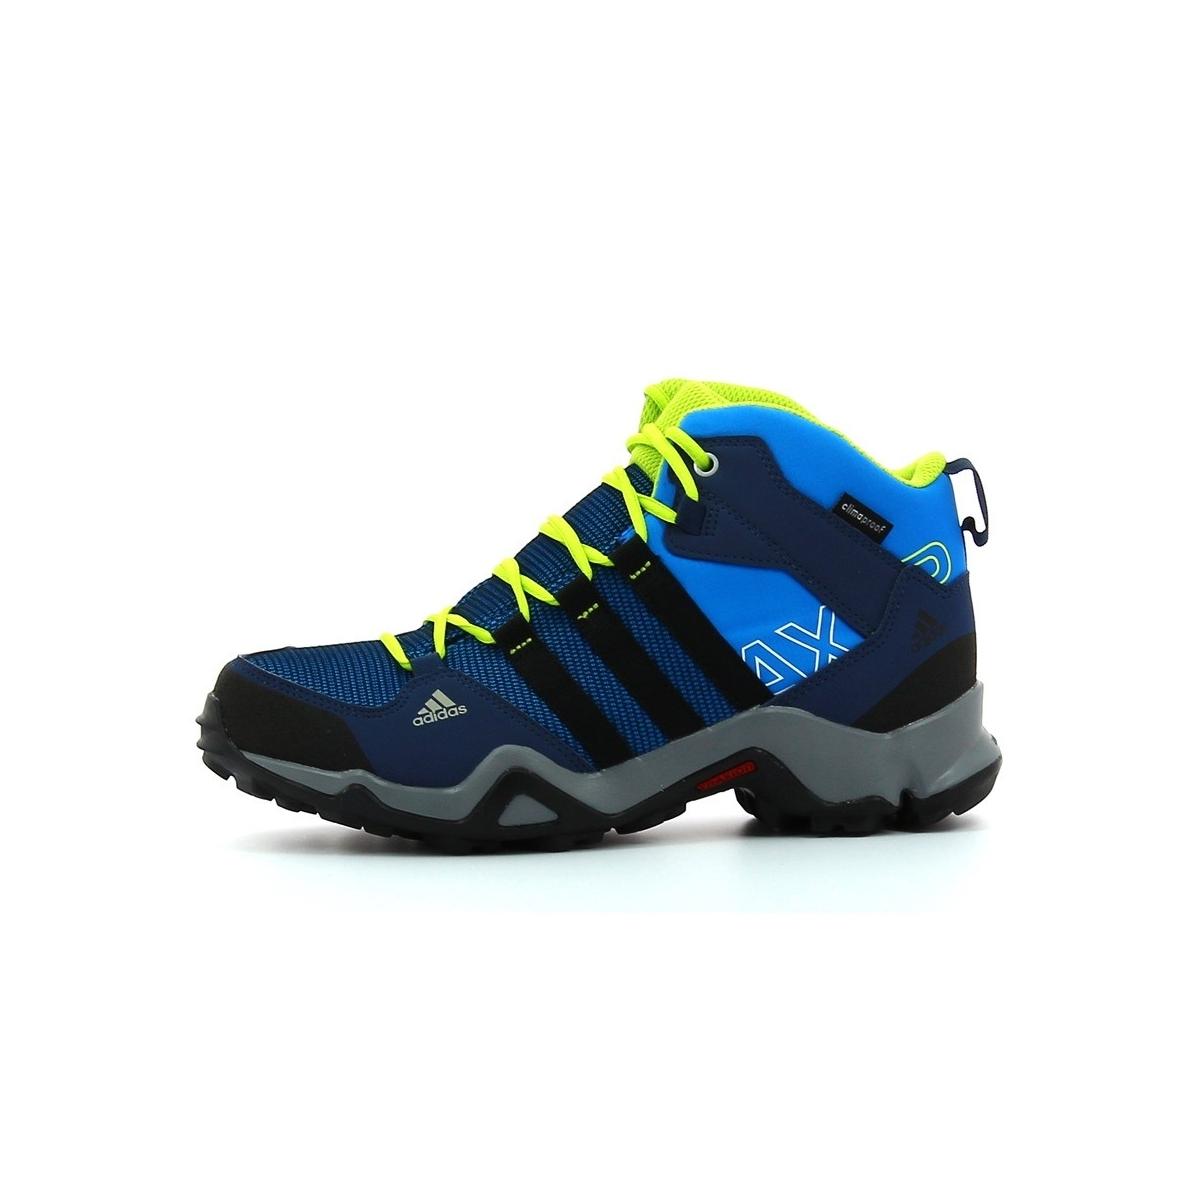 Cp Ax2 Mid Noir Chaussures Adidas De Randonnee Bleu rxedBoWC